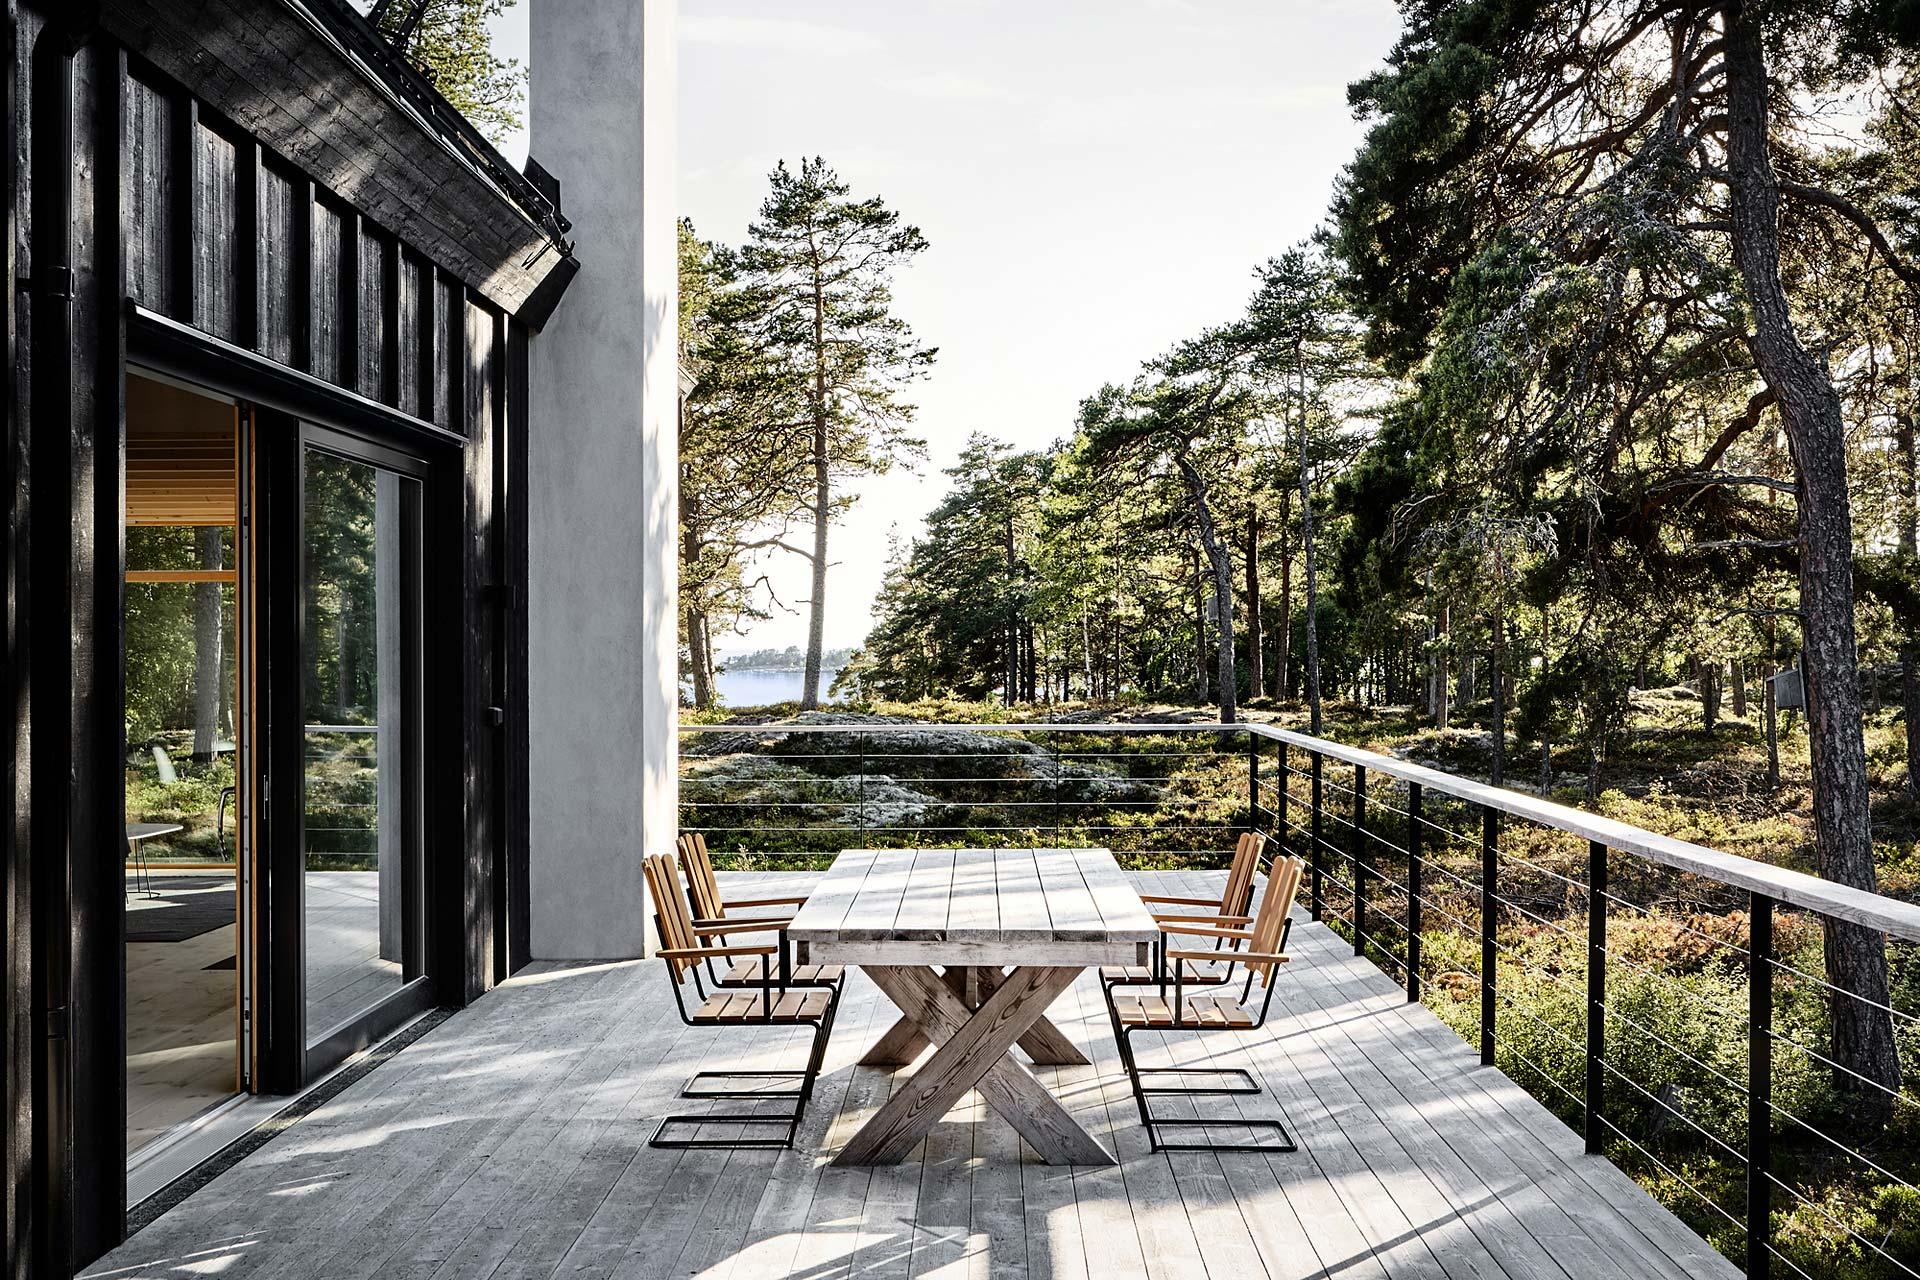 stockholm-summer-house-5.jpg